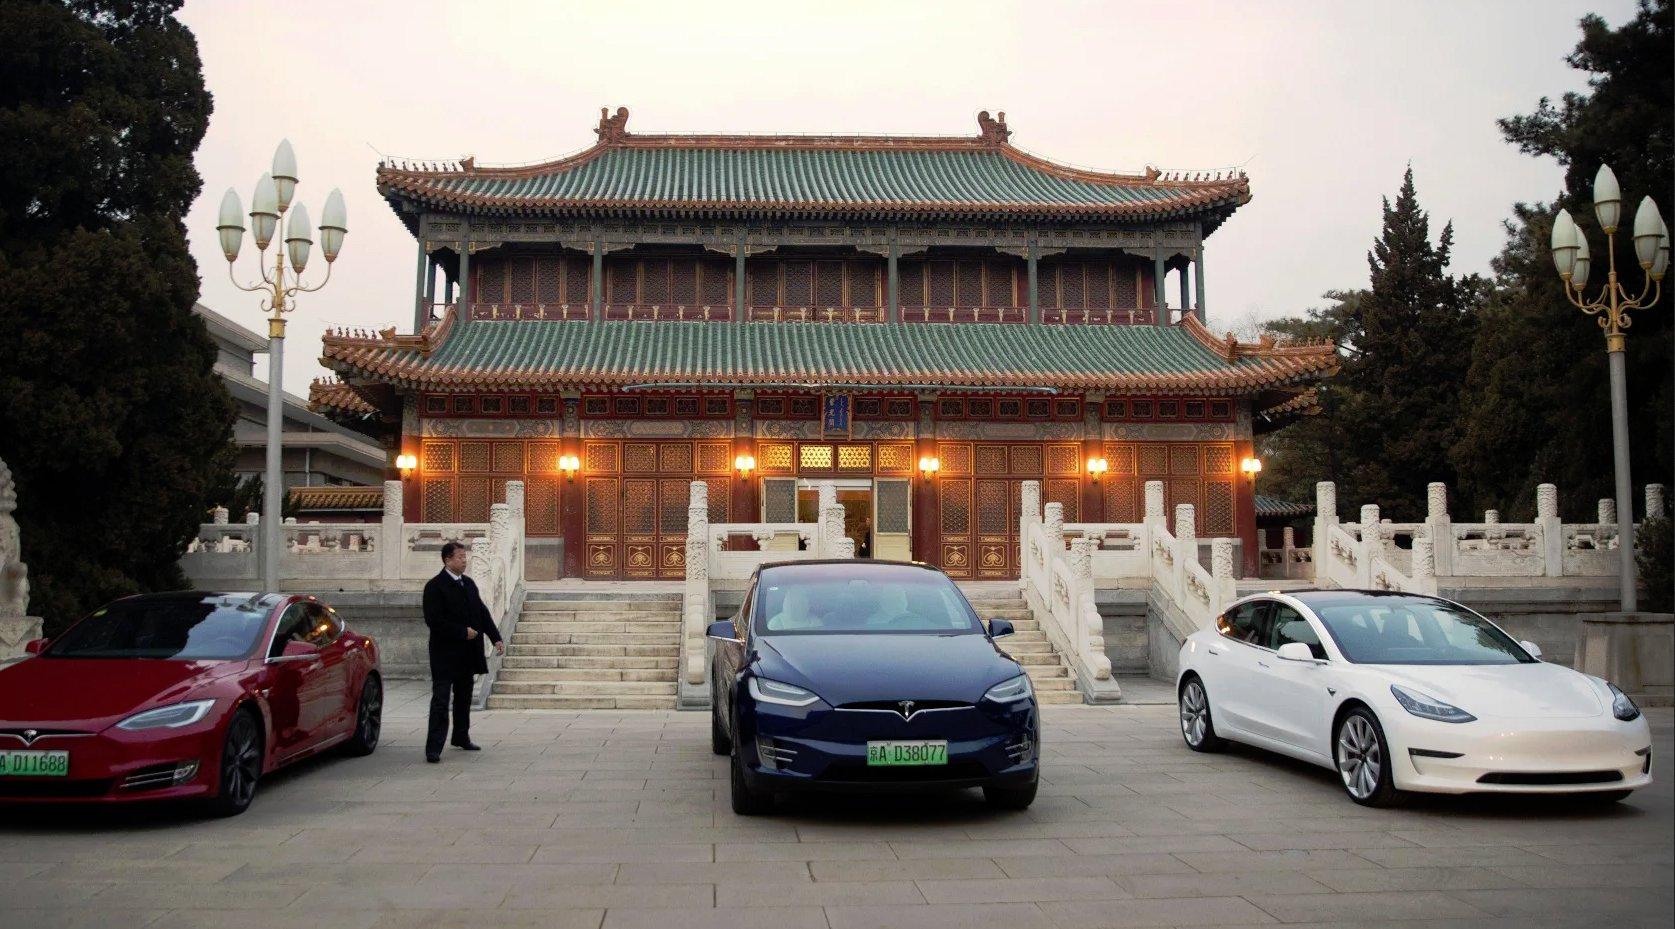 Las ventas de coches eléctricos se disparan en China tras el Covid-19